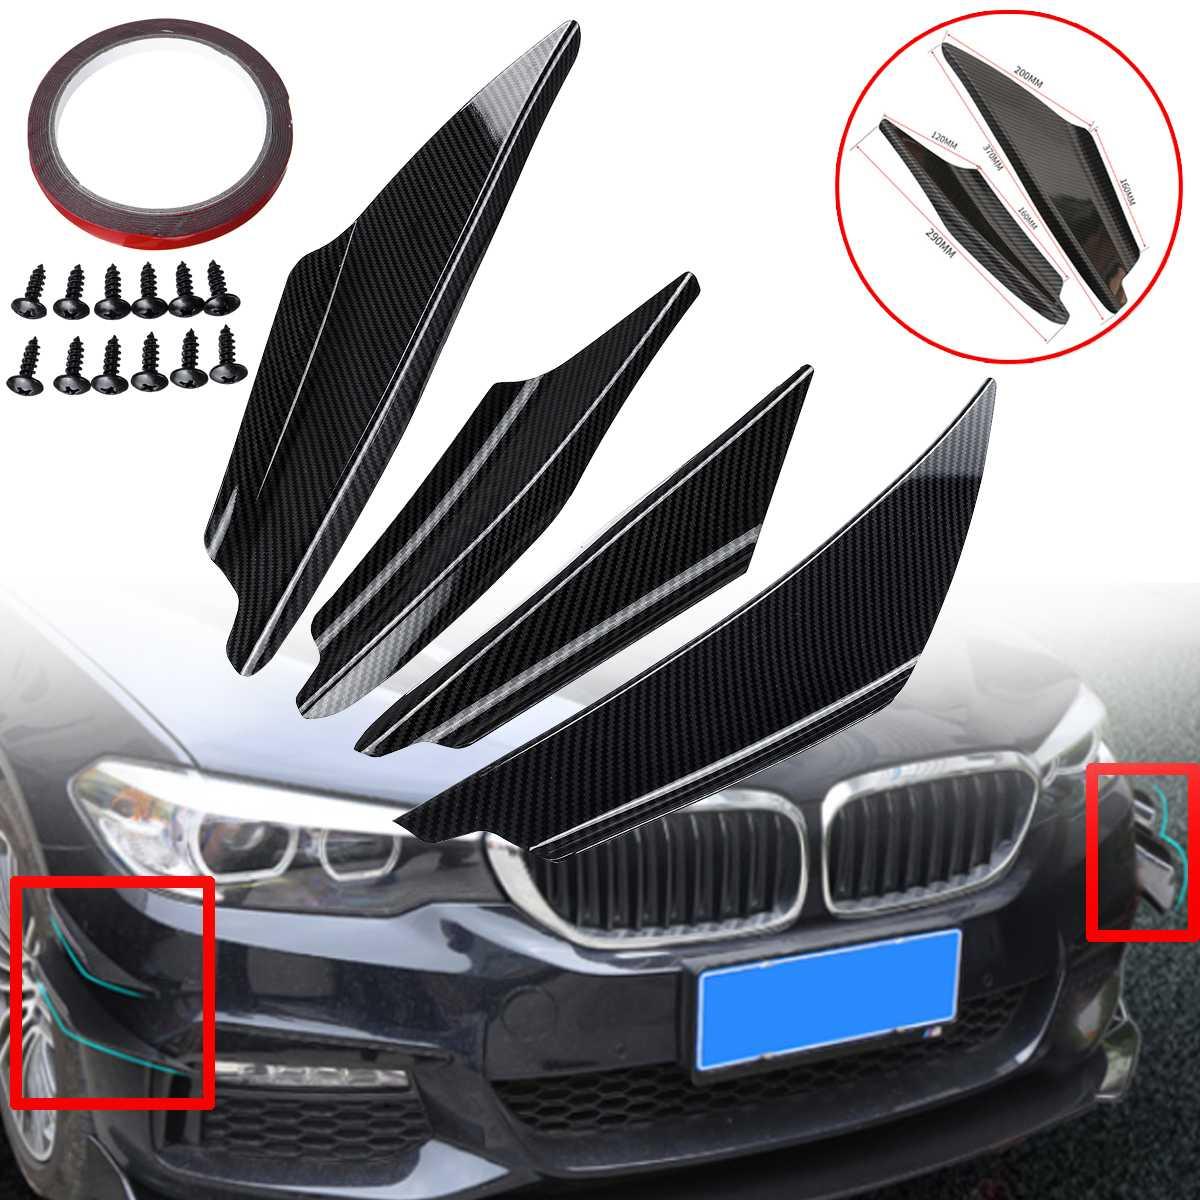 4 шт. углеродного волокна Посмотрите Универсальный Автомобильный передний бампер для губ светоделители в виде пластин тела навесы диффузор спойлер для Benz для BMW Audi